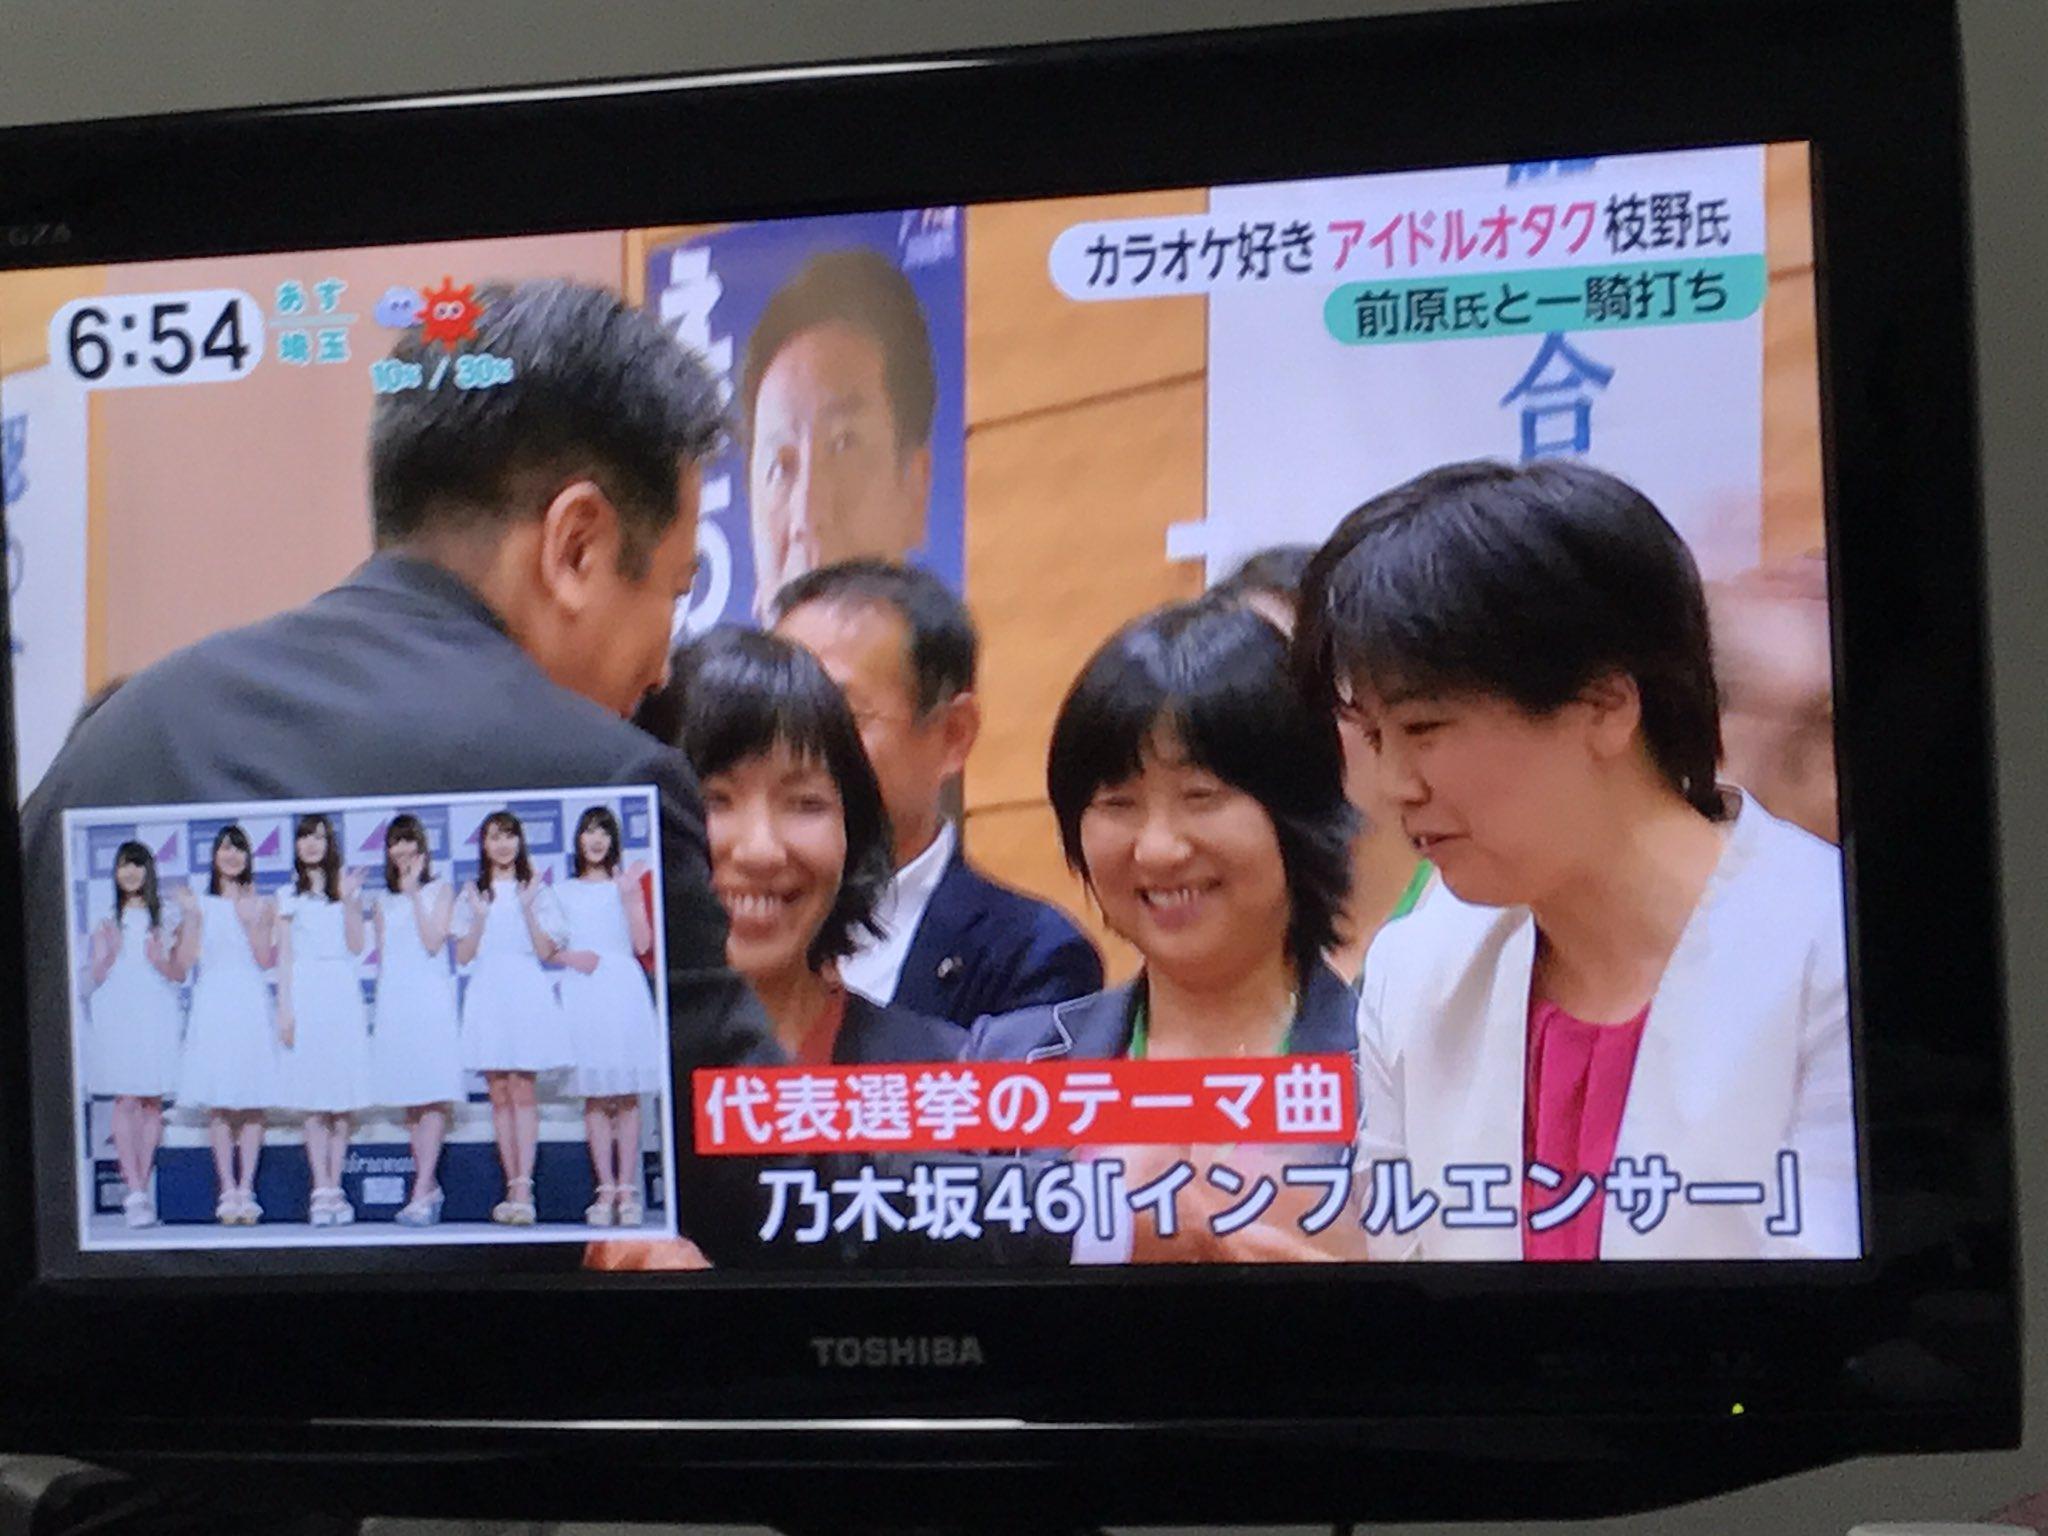 枝野幸男 民進党代表選 乃木坂46 インフルエンサー2